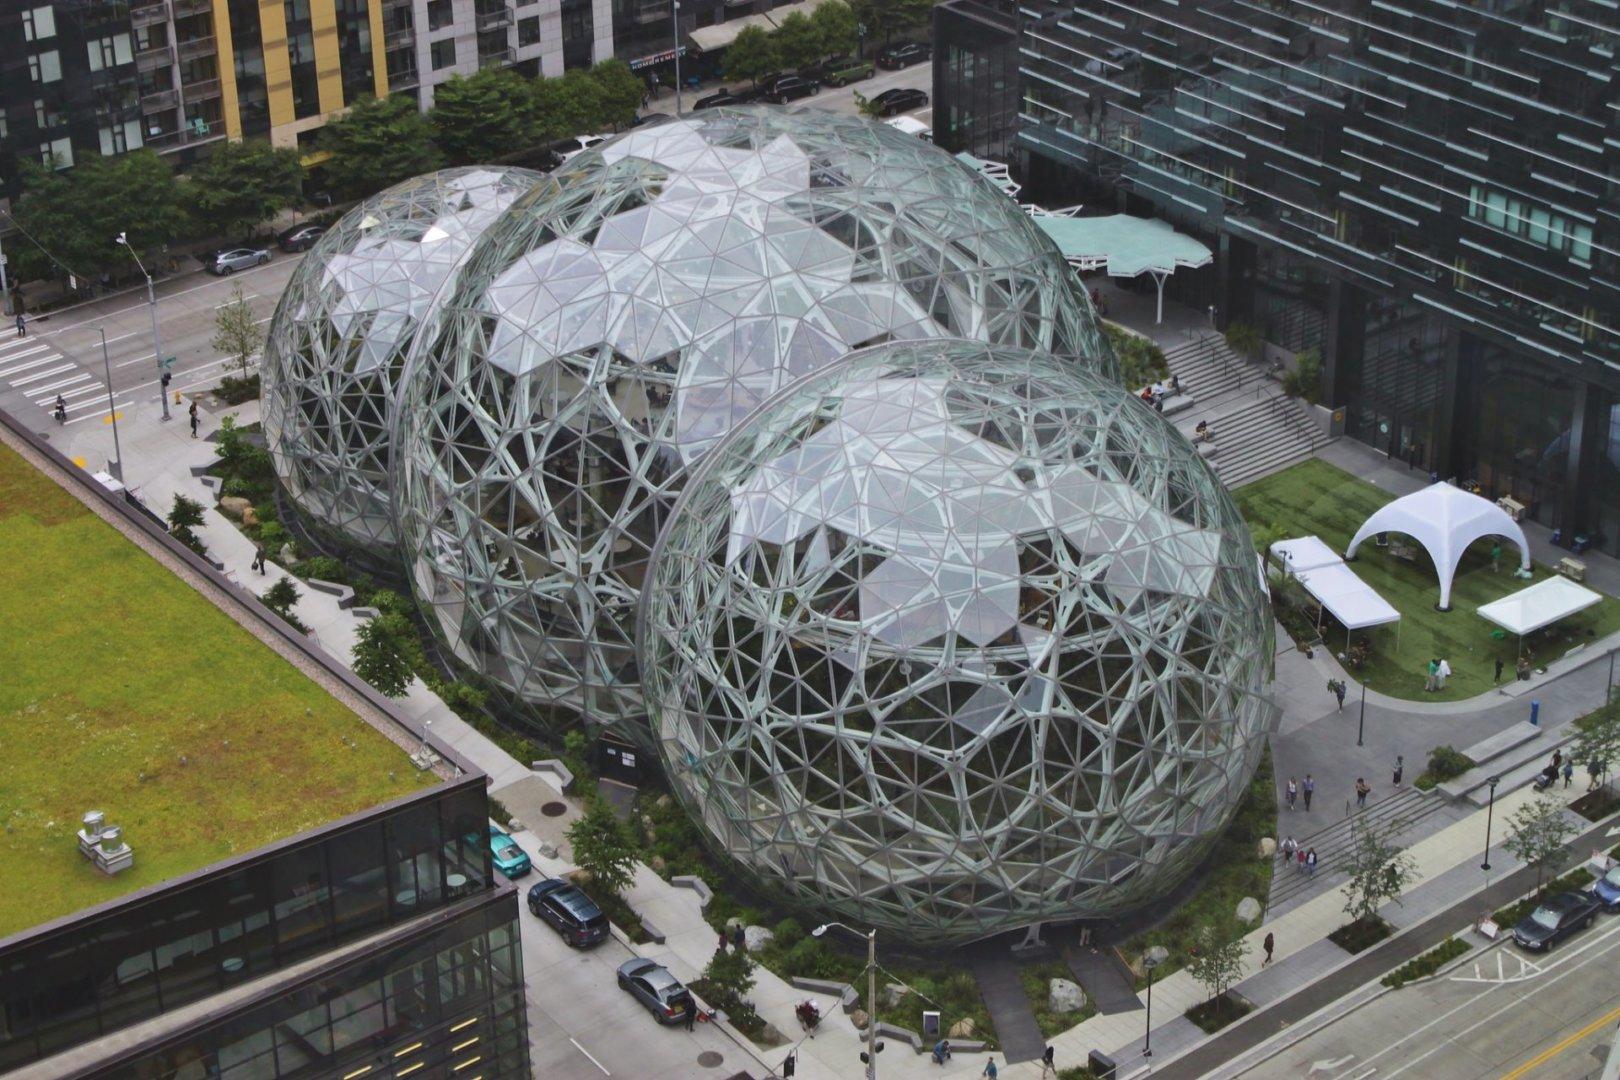 Sede da Amazon, que opera o Prime Video